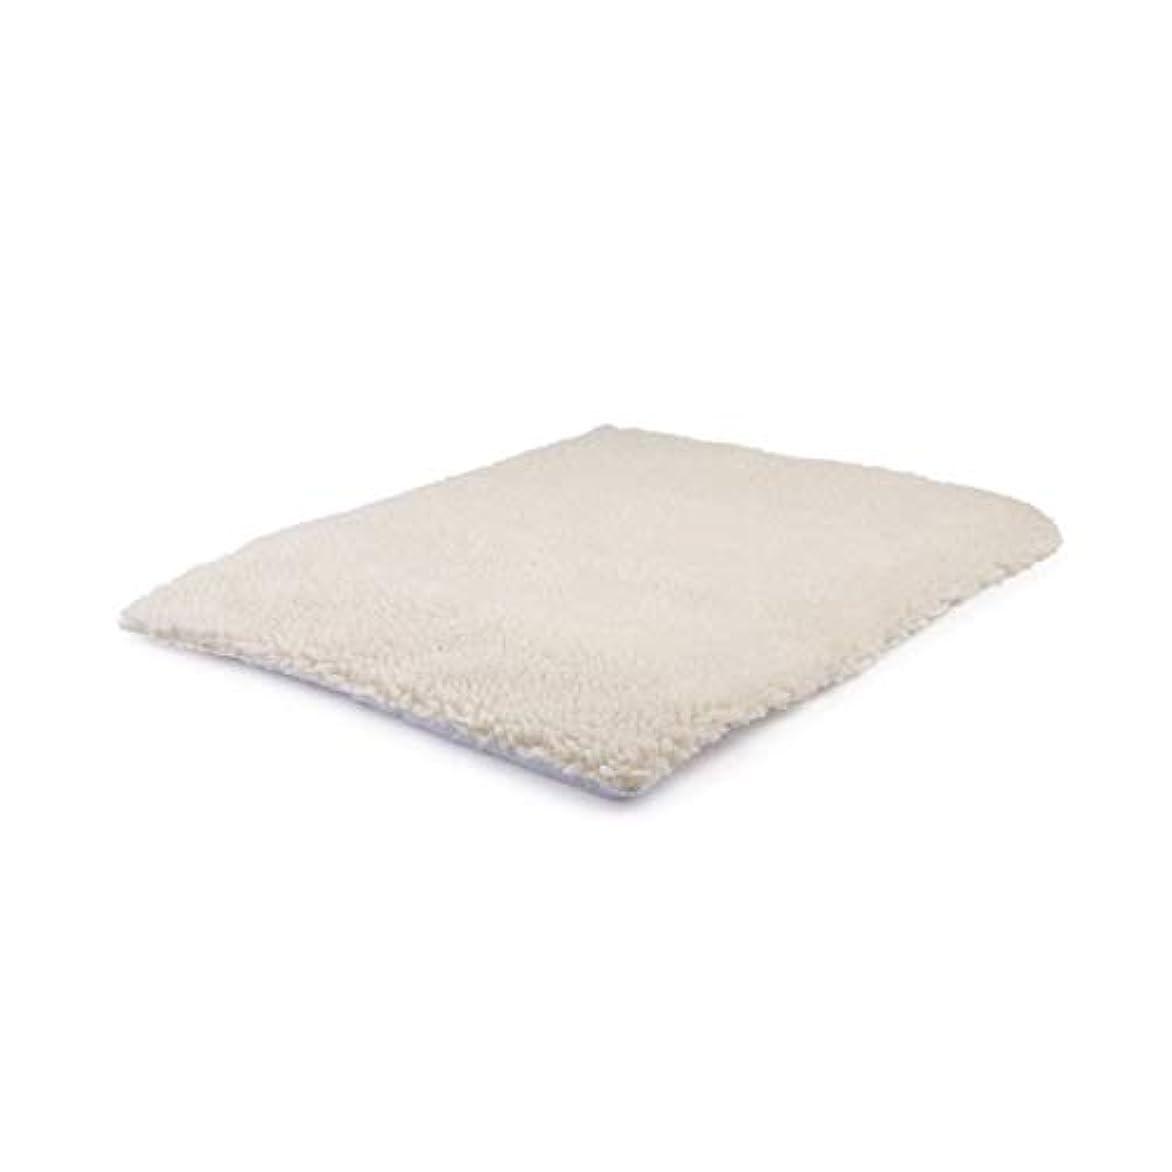 オフセット忠実な研磨Saikogoods 自己発熱ペット毛布 ペットベッド ウォッシャブル ノーエレクトリック スーパーソフト 子犬子猫毛布 ベッドマット ベージュ 640×460mm